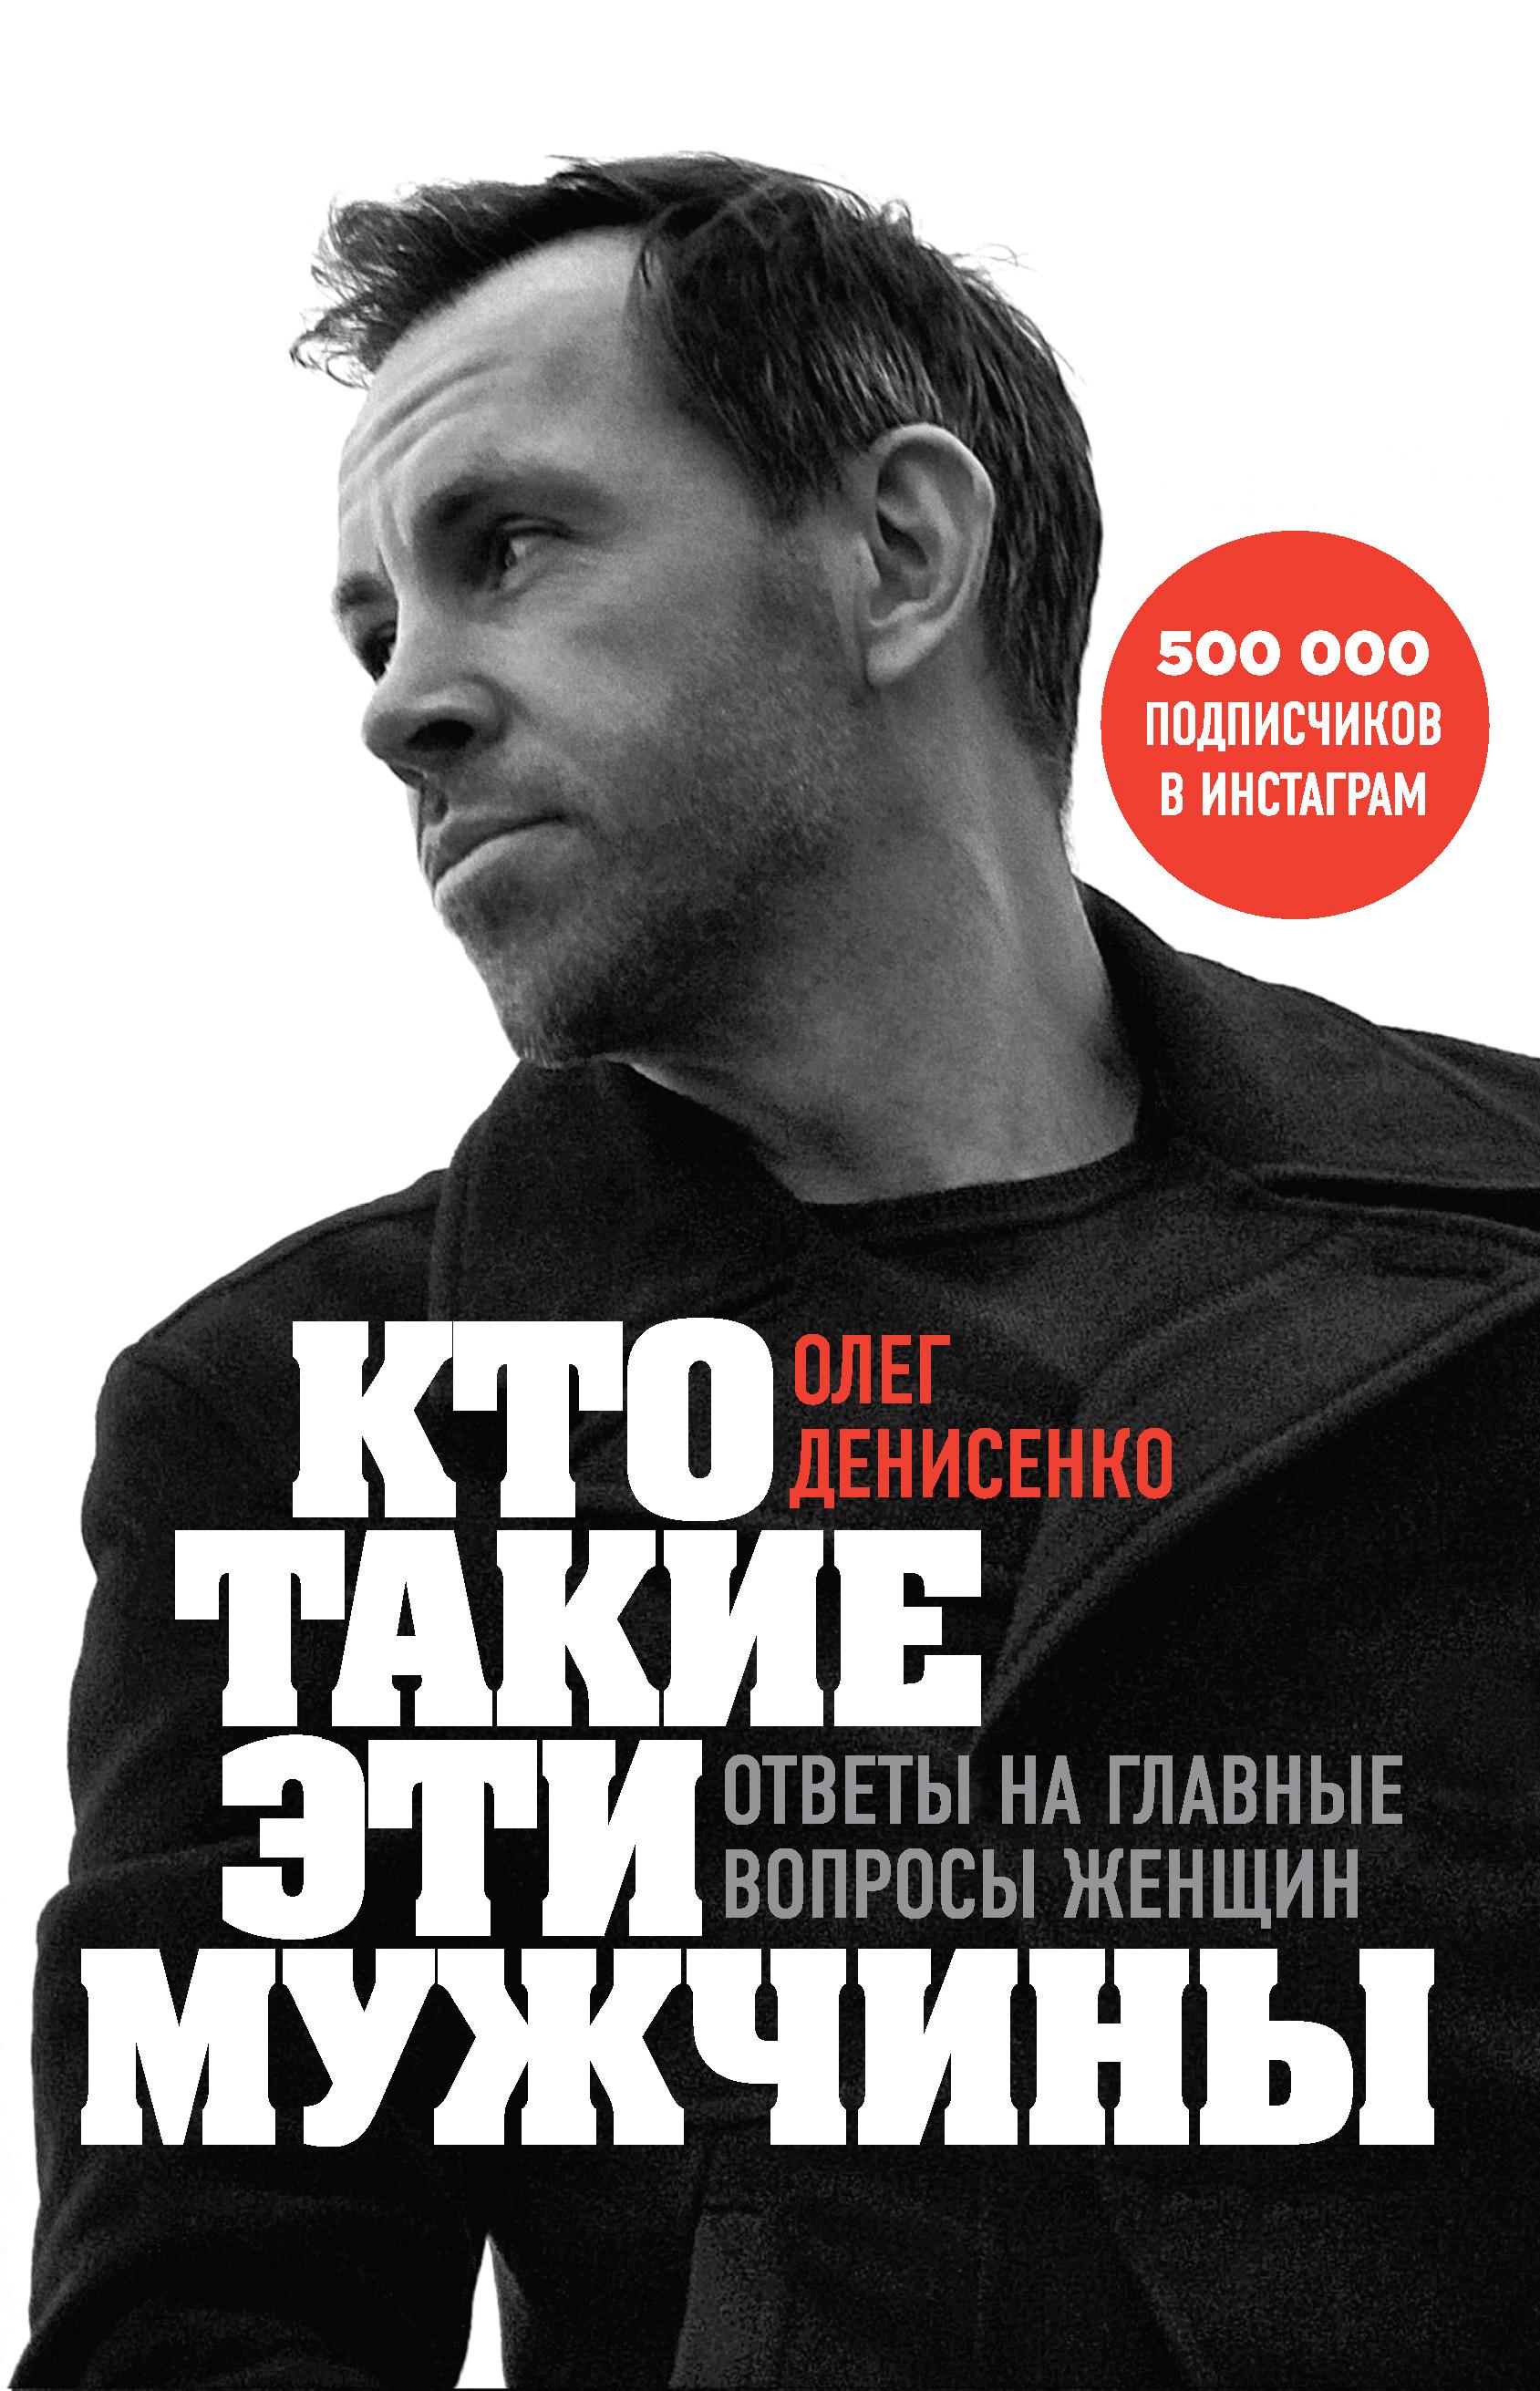 Купить книгу Кто такие эти мужчины? Ответы на главные вопросы женщин, автора Олега Денисенко